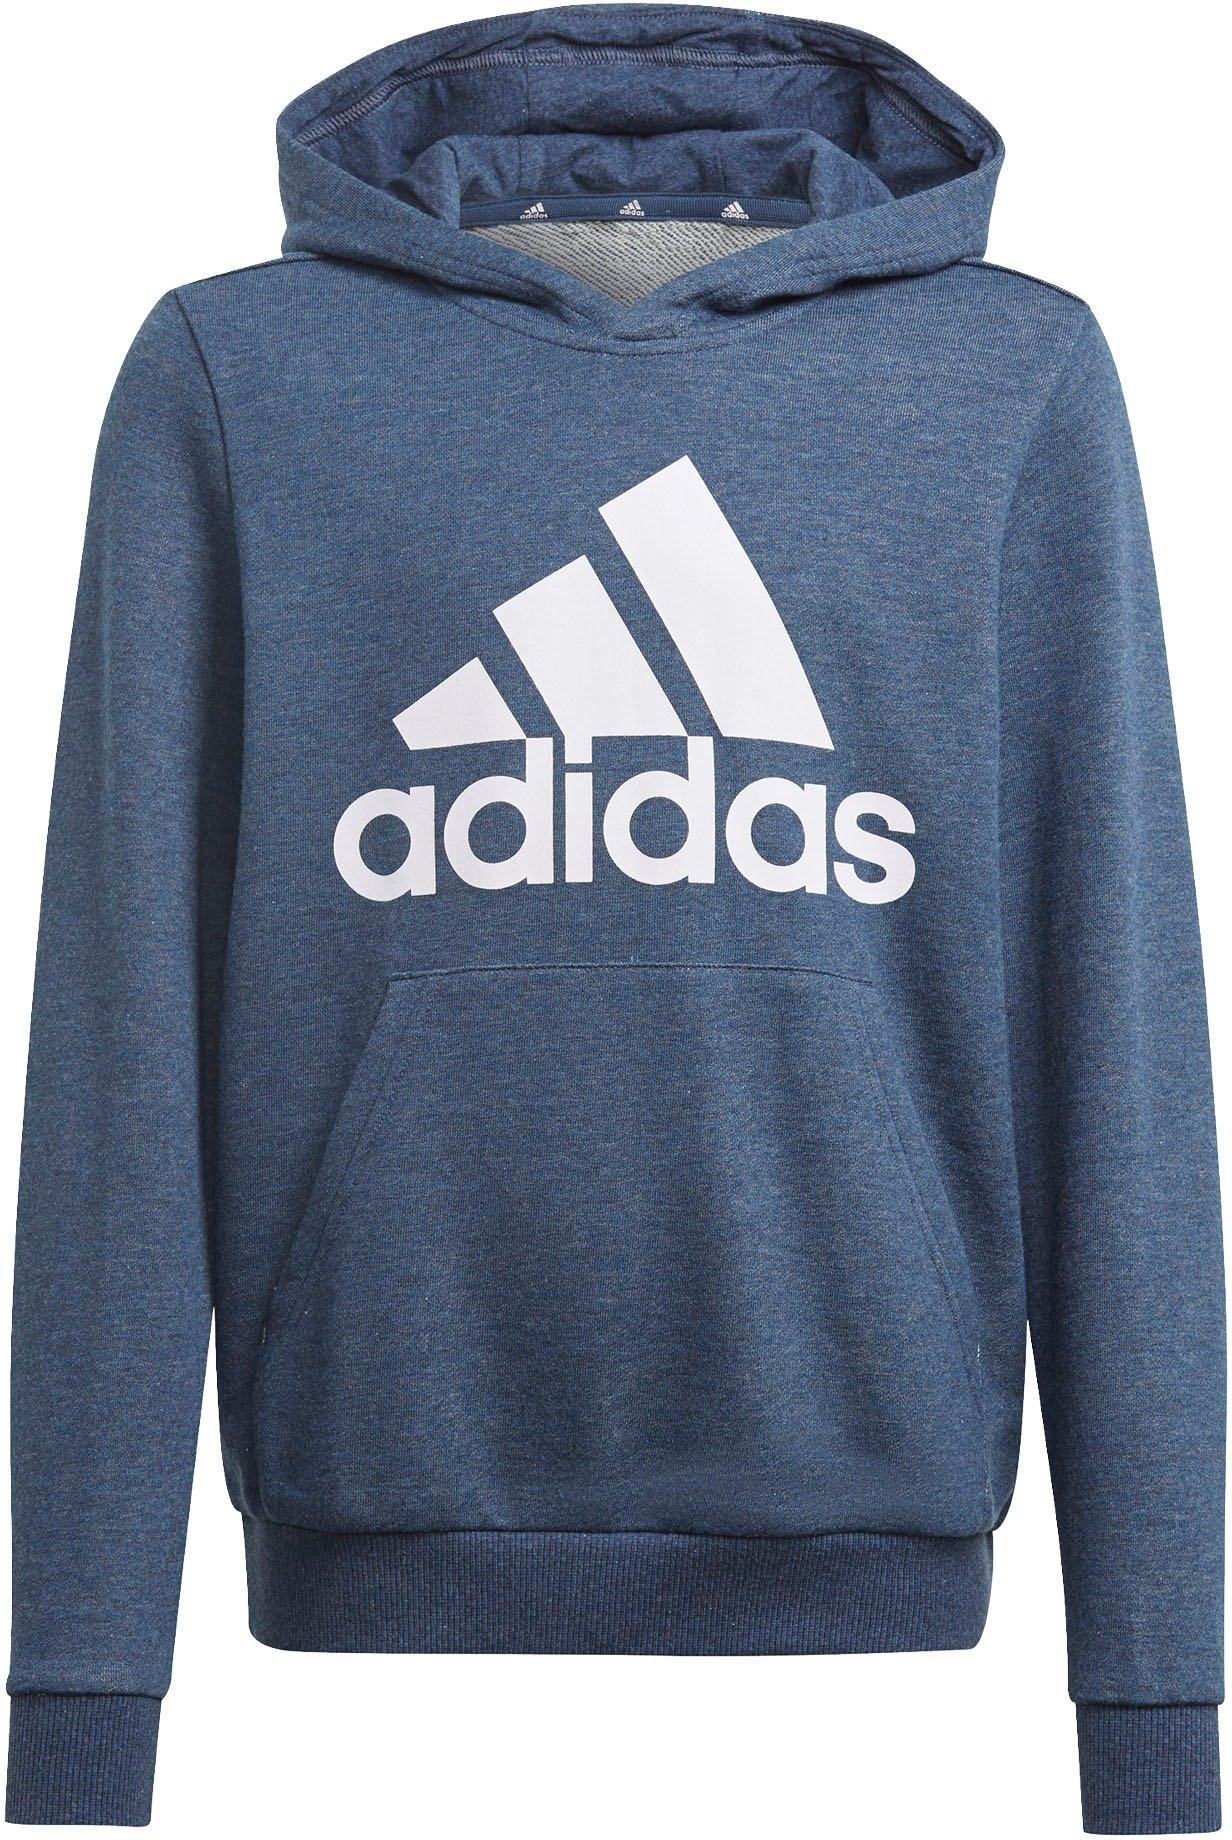 adidas Performance hoodie »ADIDAS ESSENTIALS« - verschillende betaalmethodes